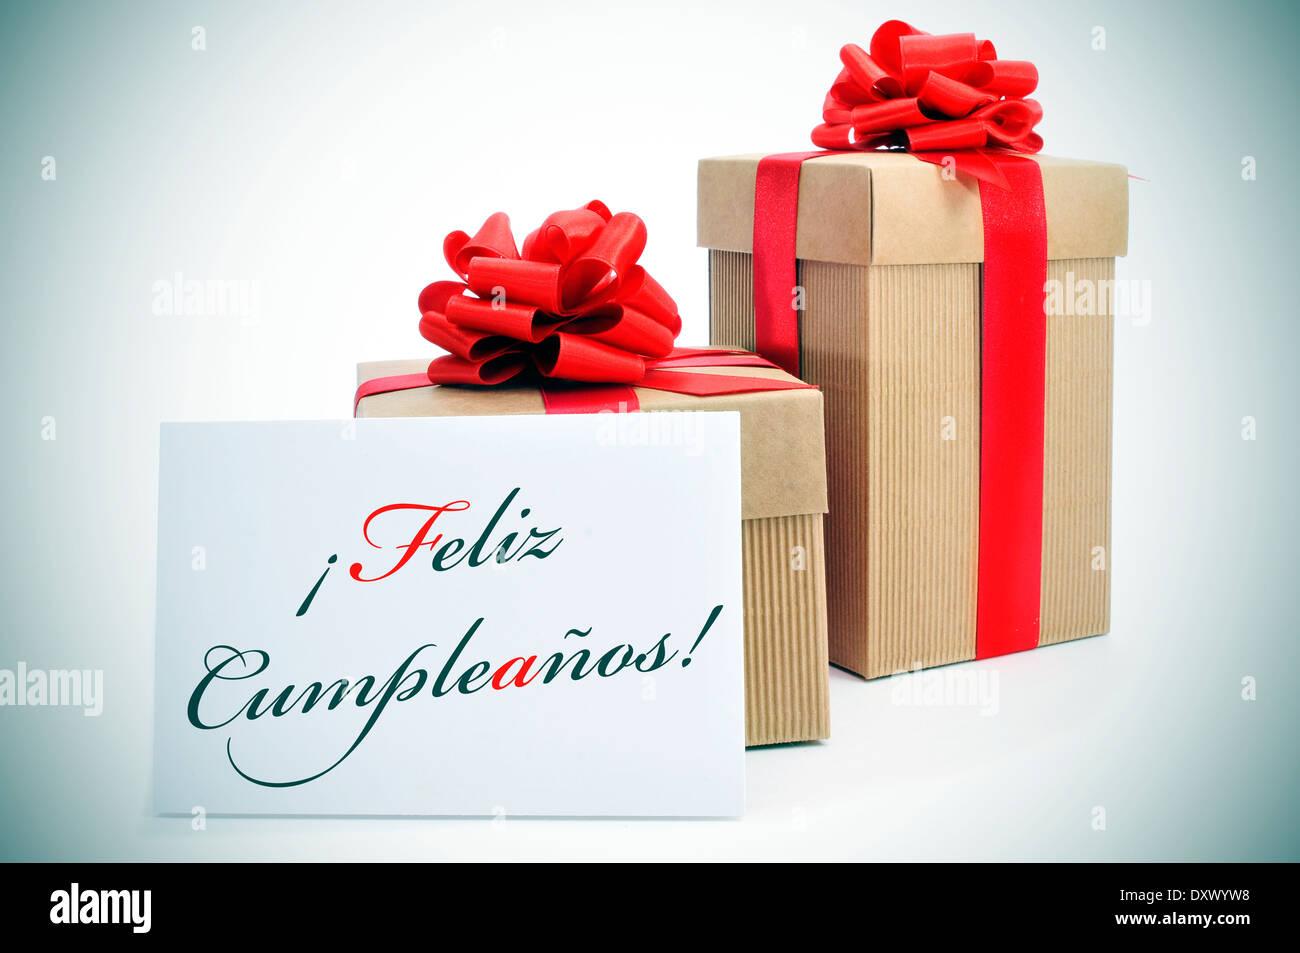 Algunos regalos y el texto feliz cumpleanos, feliz cumpleaños escrito en español en un cartel Imagen De Stock